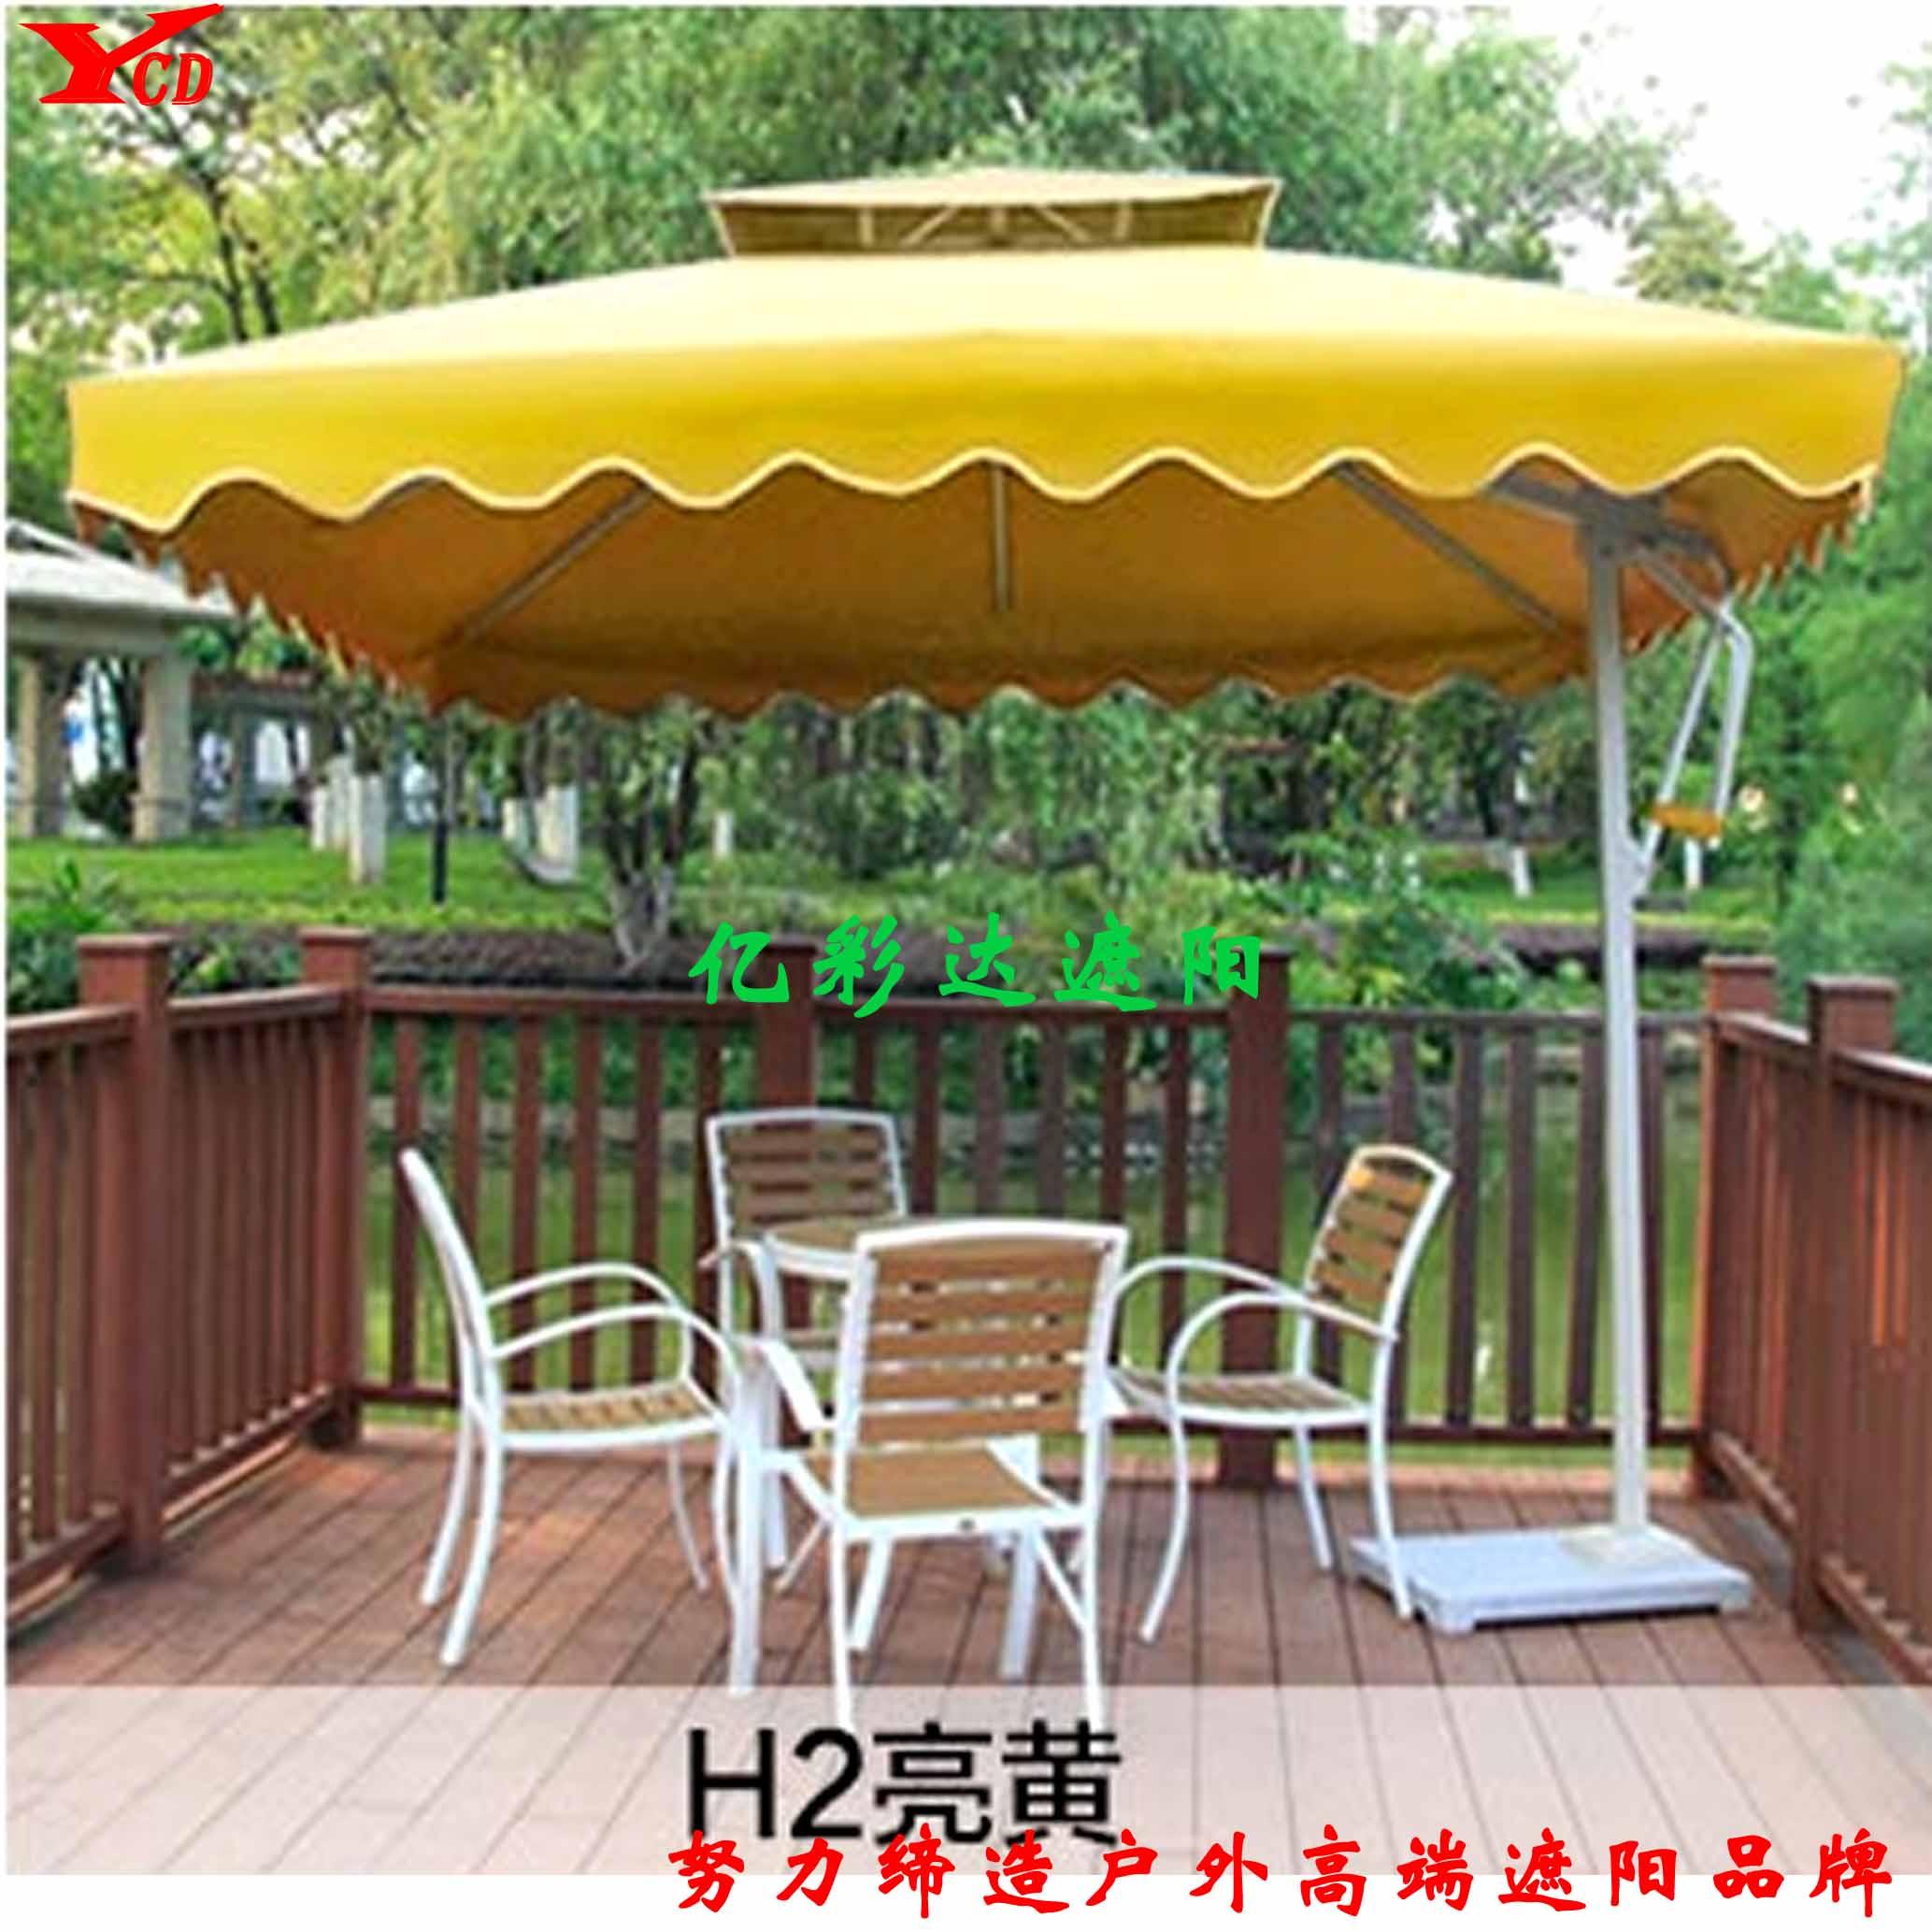 方形侧立伞|遮阳伞-山东亿彩达遮阳节能科技有限公司